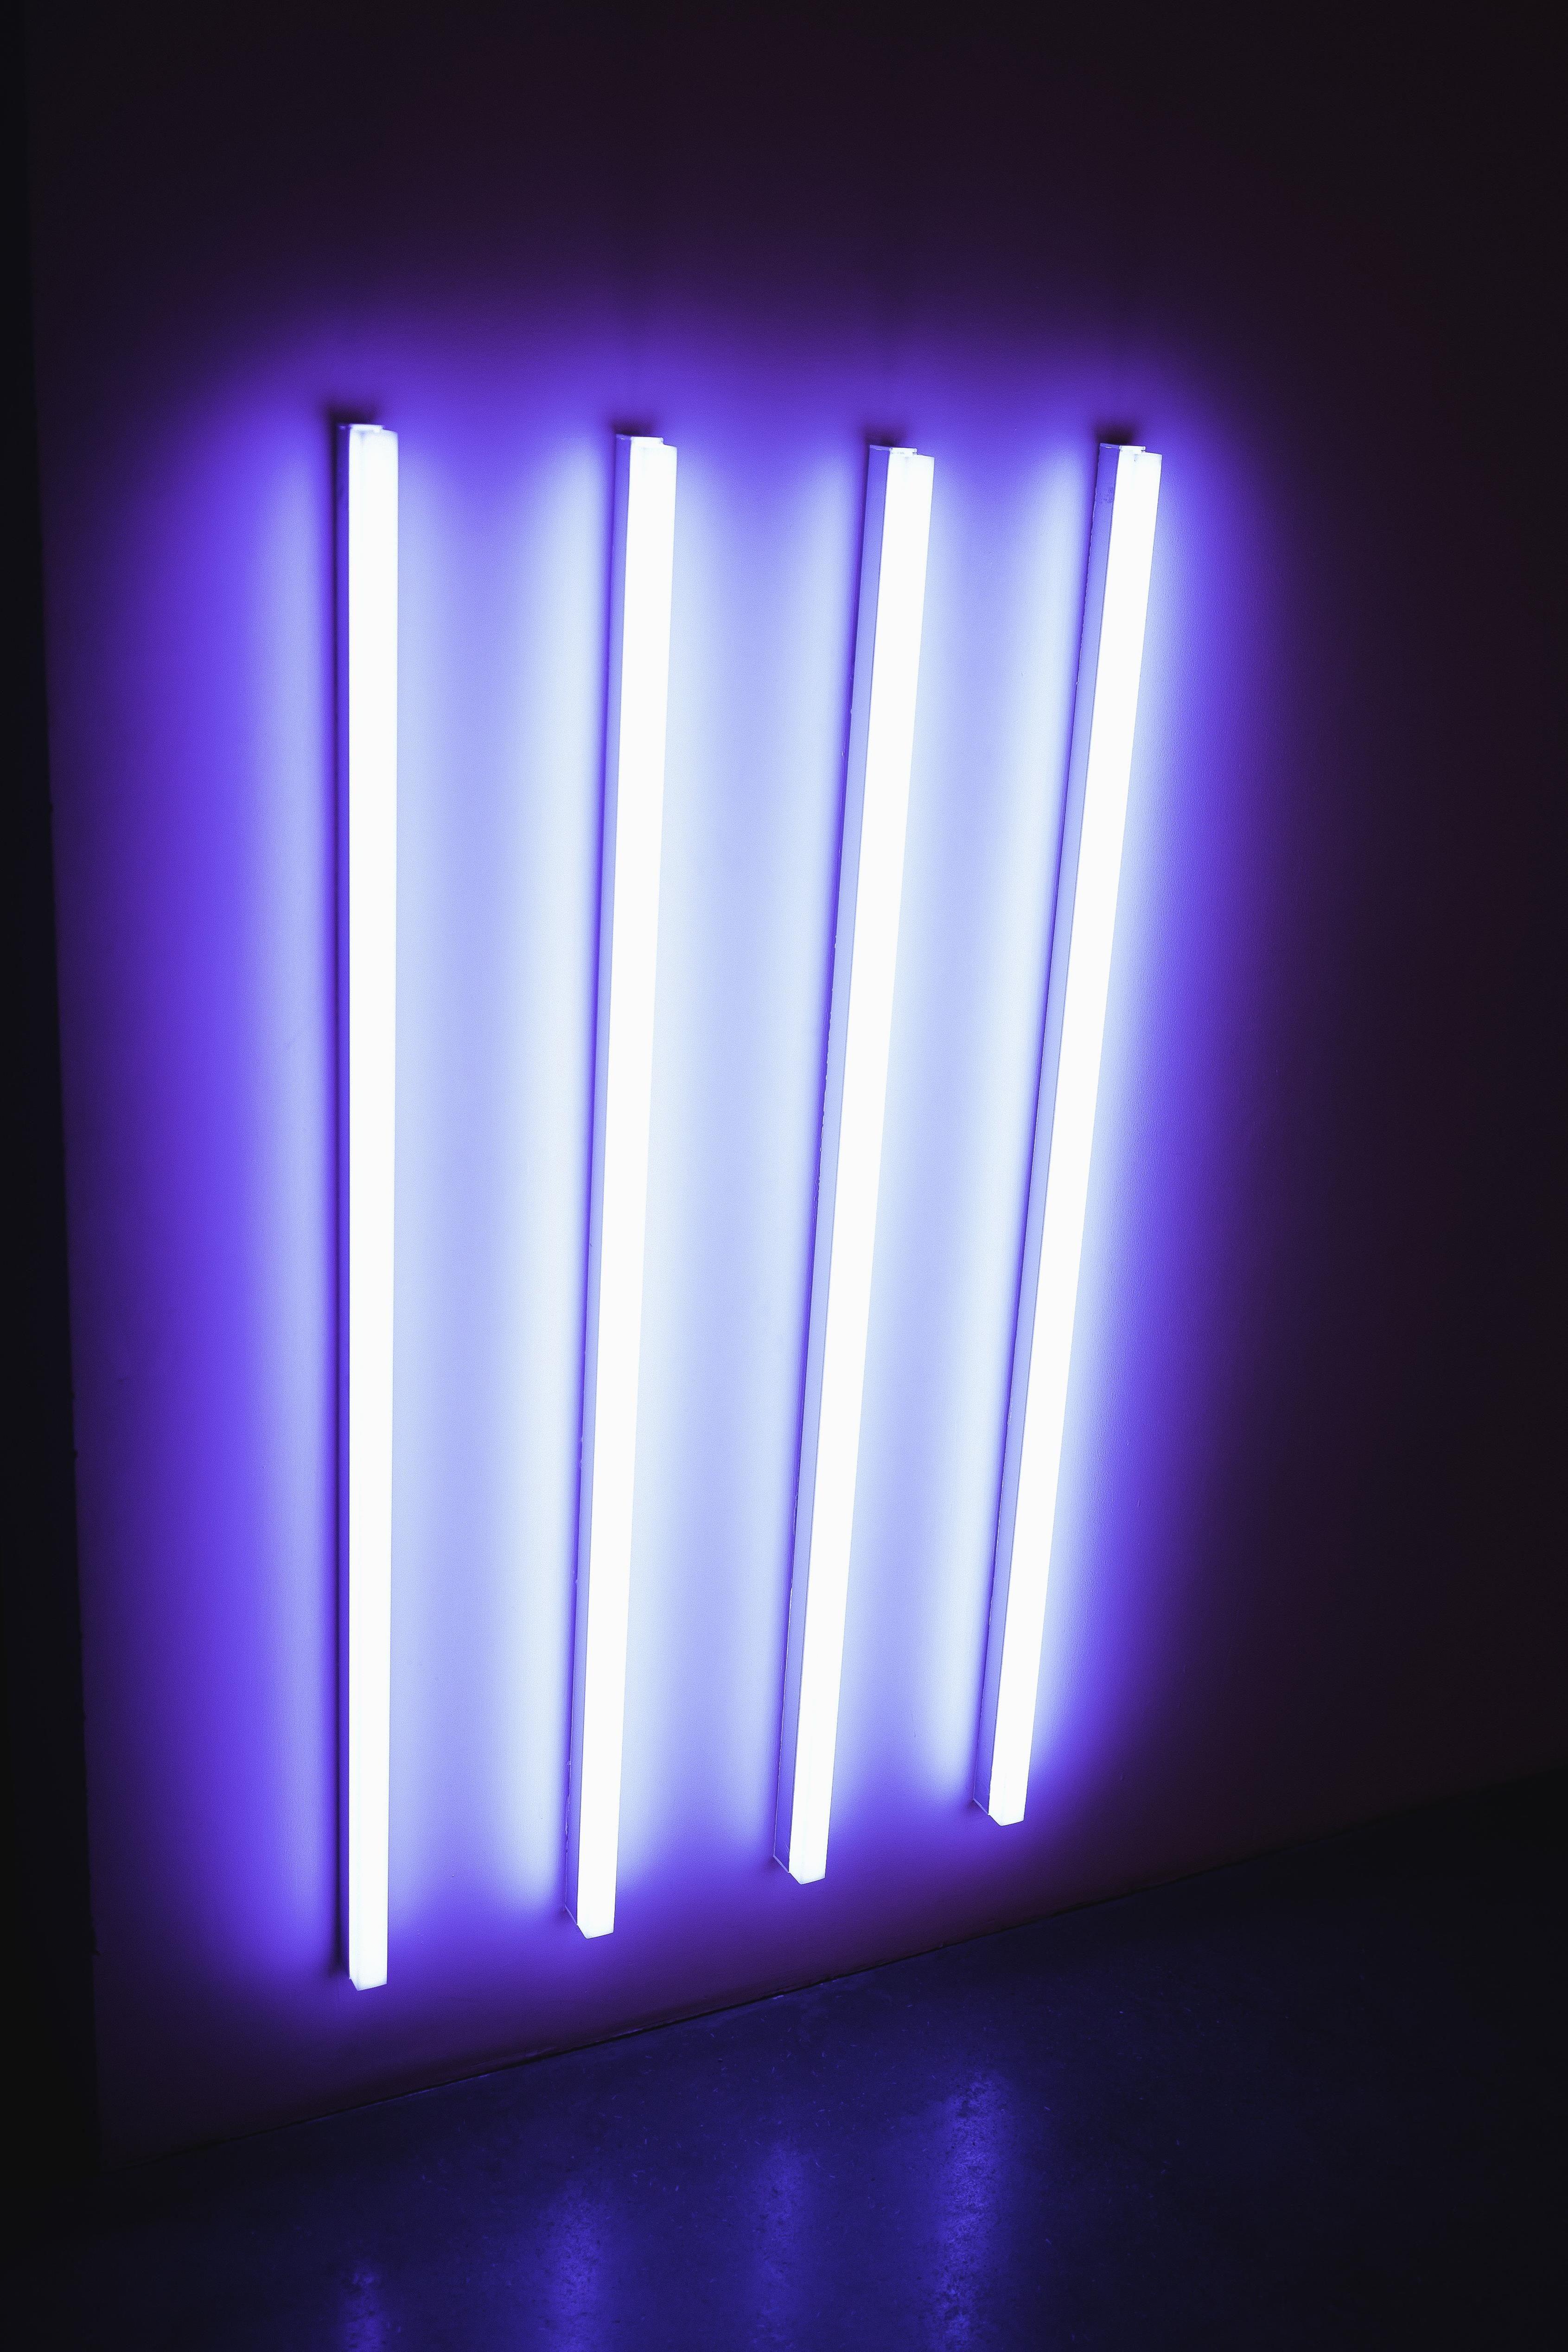 Imagen Gratis Fluorescente Luz Electricidad Reflexi 243 N